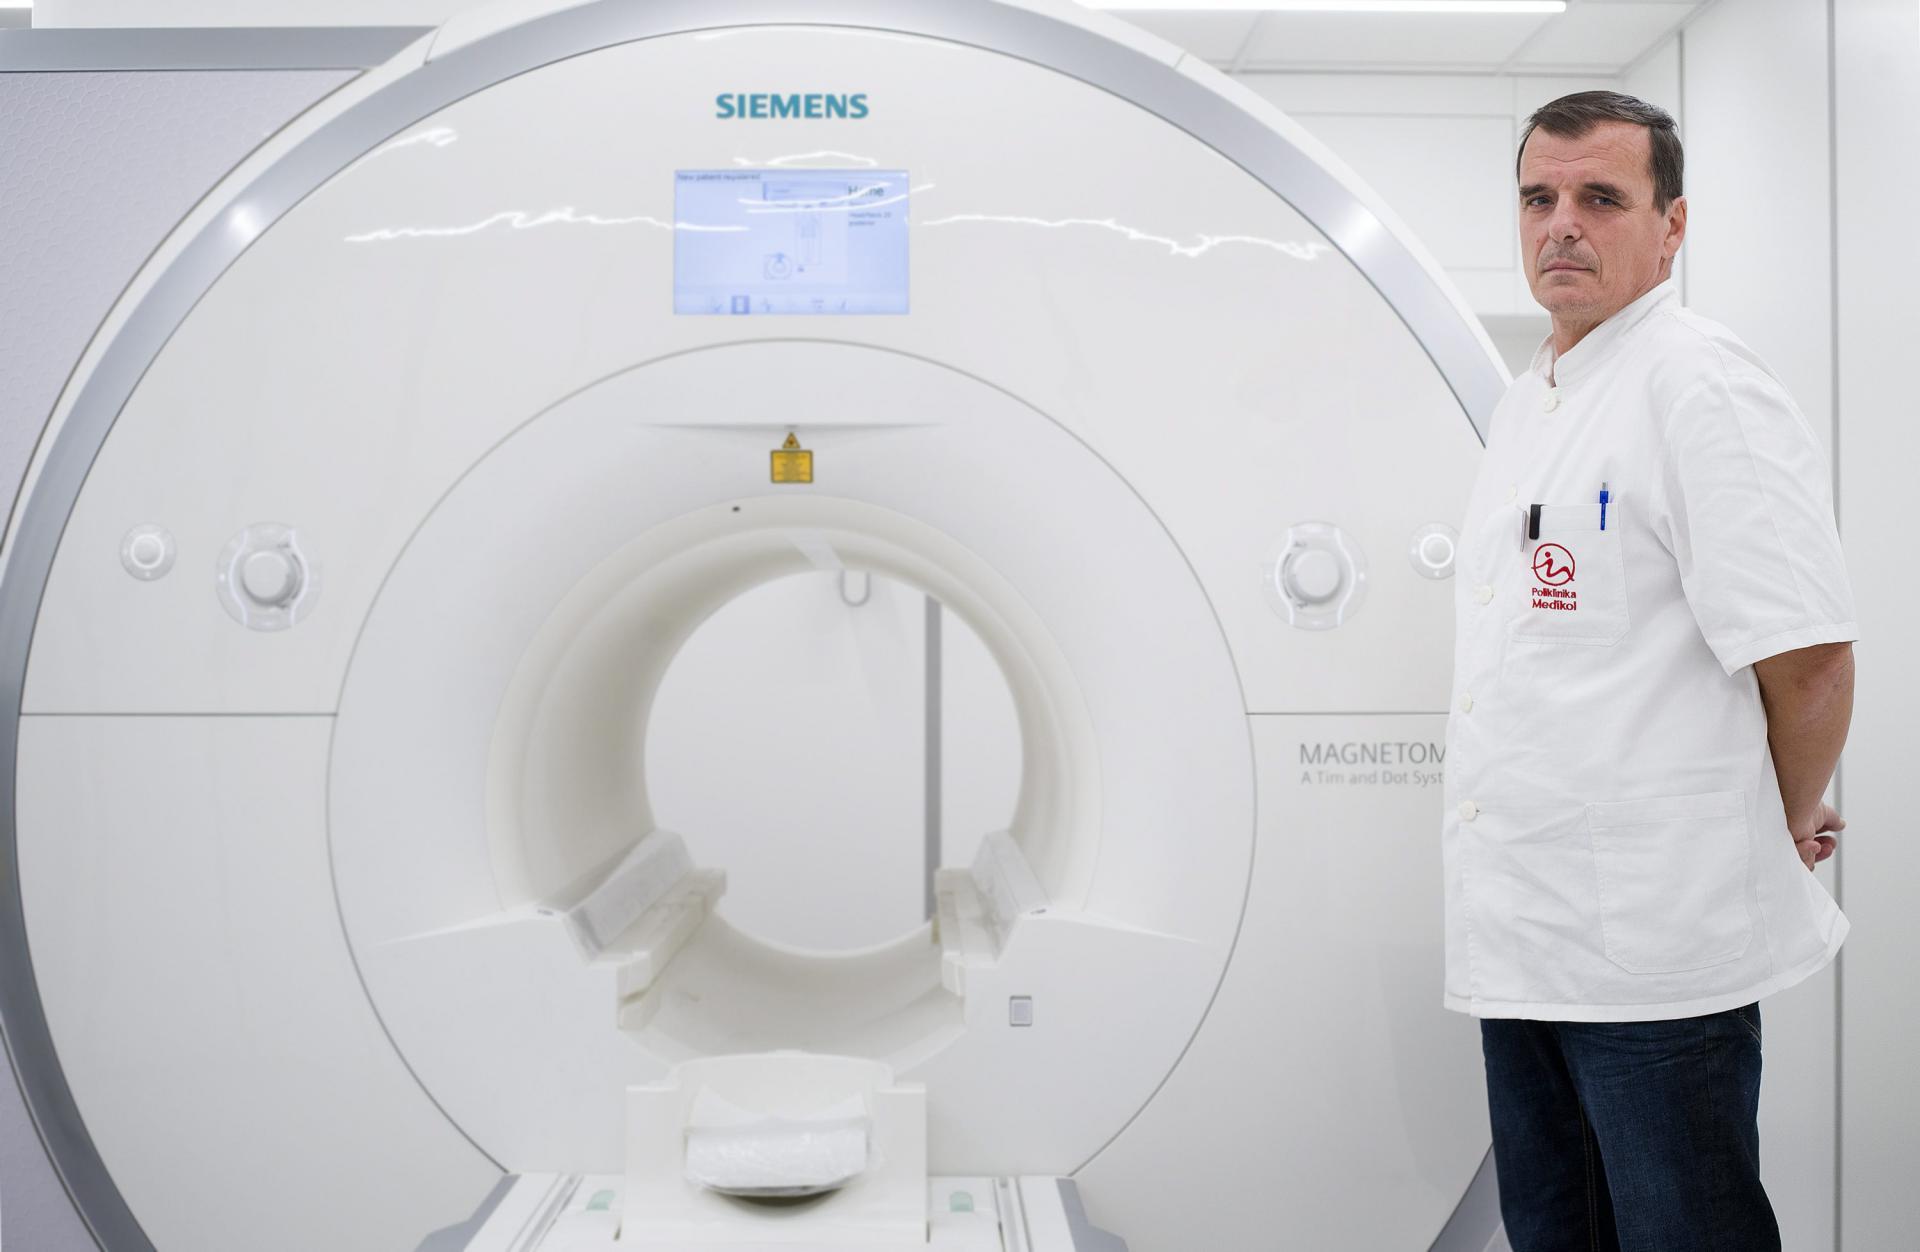 Pretraga košta od 2000 do 3500 kuna, kaže dr. Darijo Radović